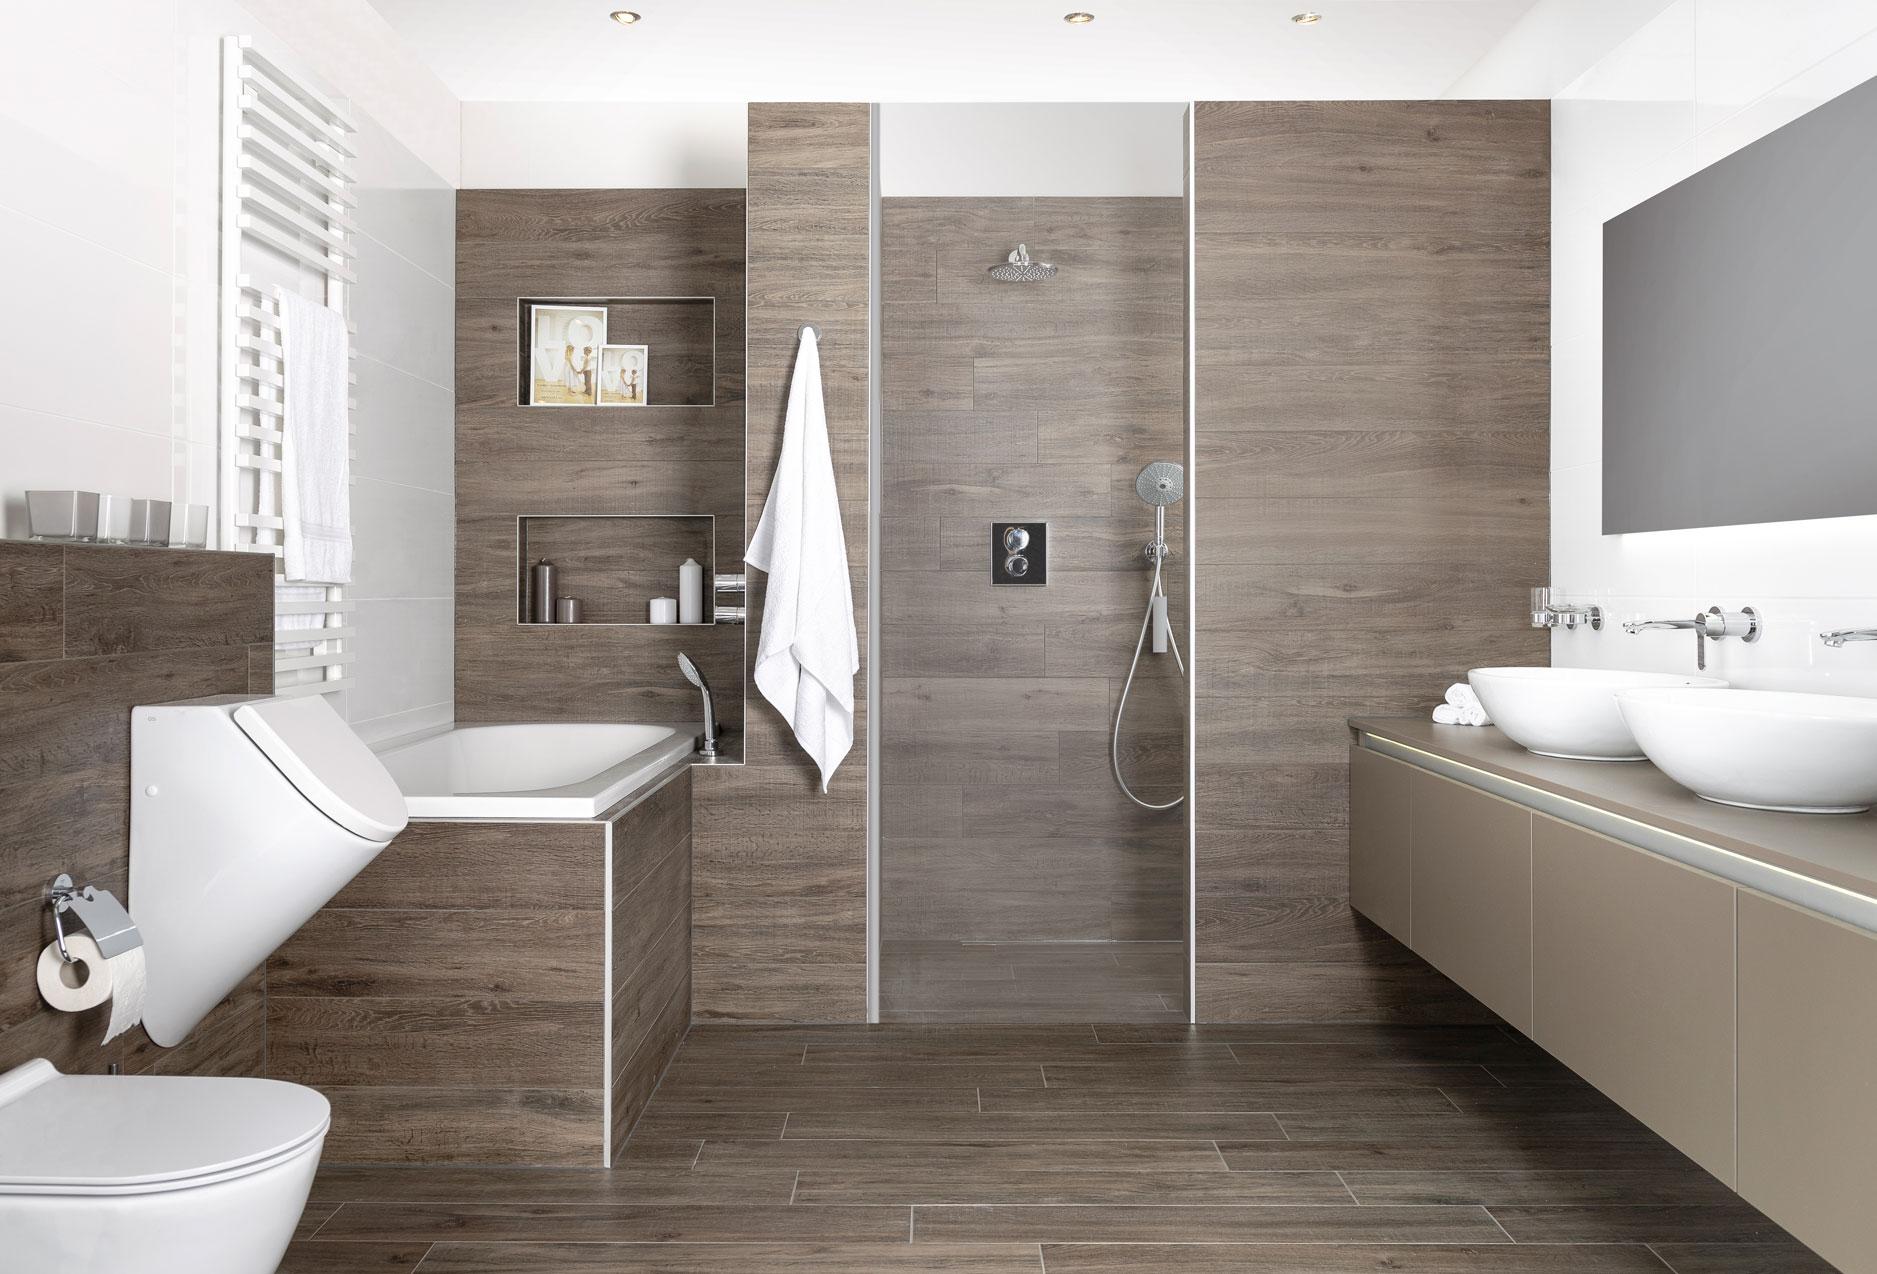 Ideeen Badkamer Renovatie : Hammam badkamer ideeen. elegant ruim hammam badkamer ideeen badkamer